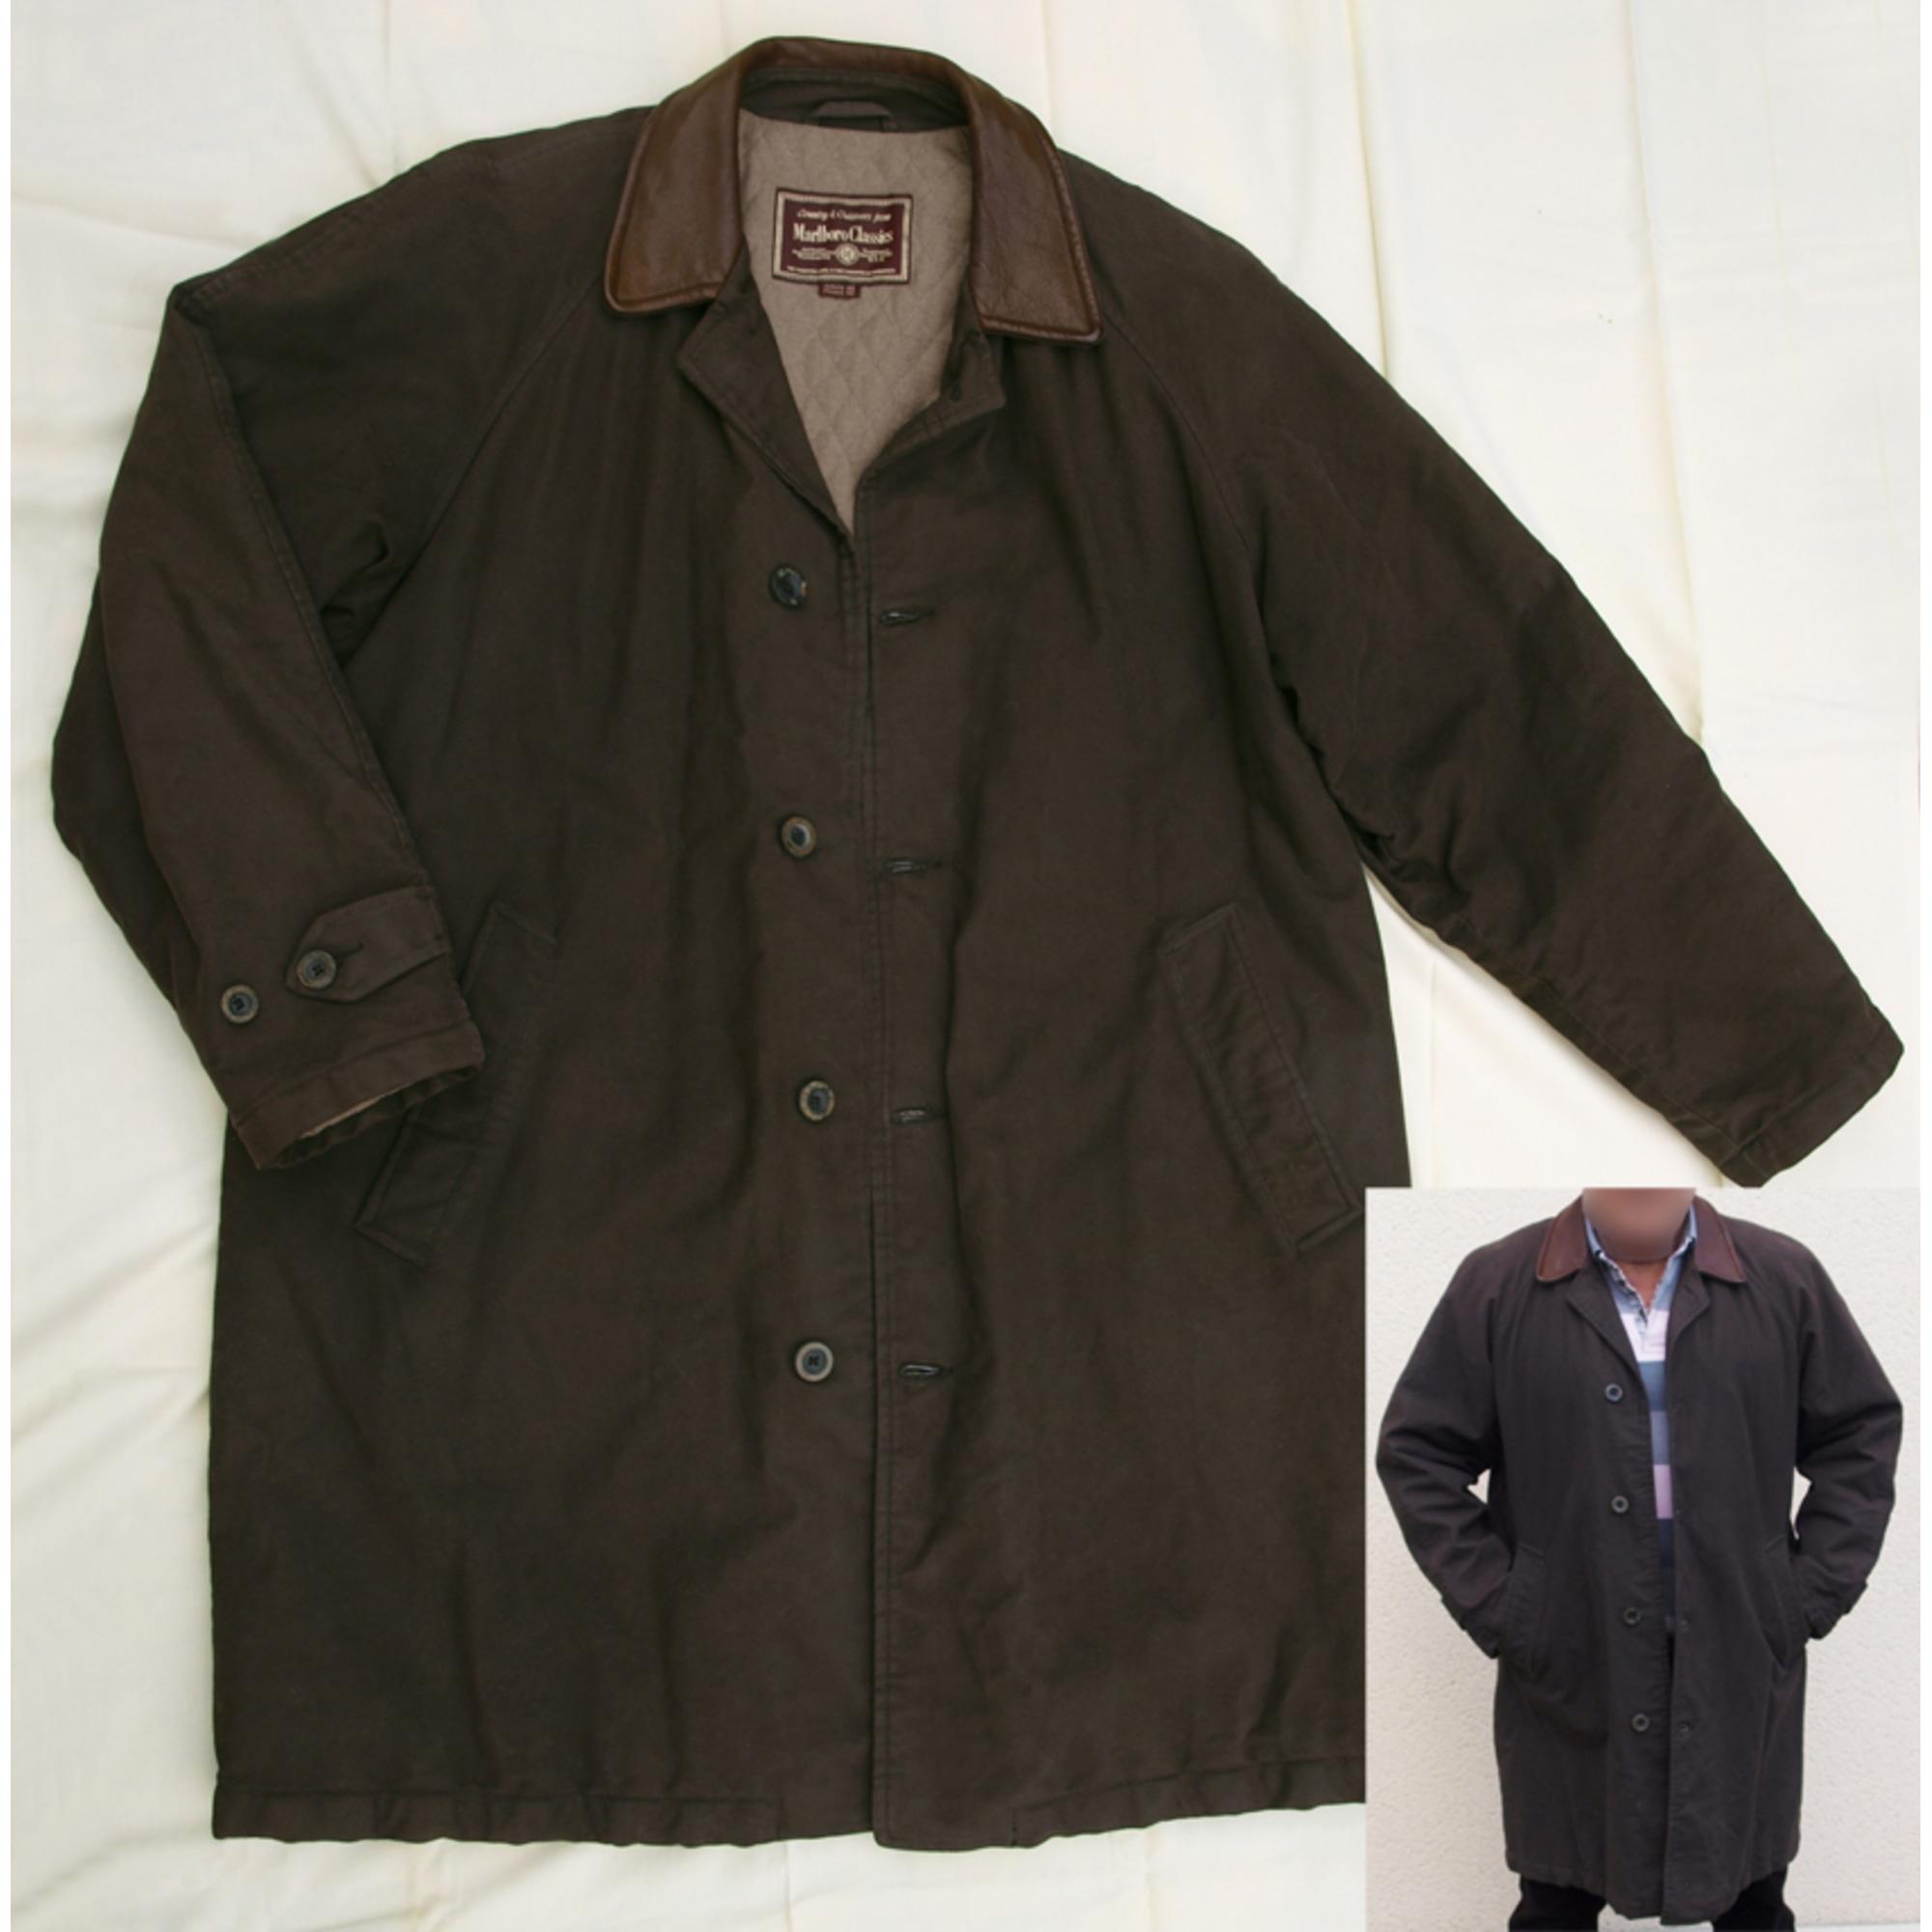 Manteau MARLBORO CLASSICS 52 (L) marron vendu par Forgues d